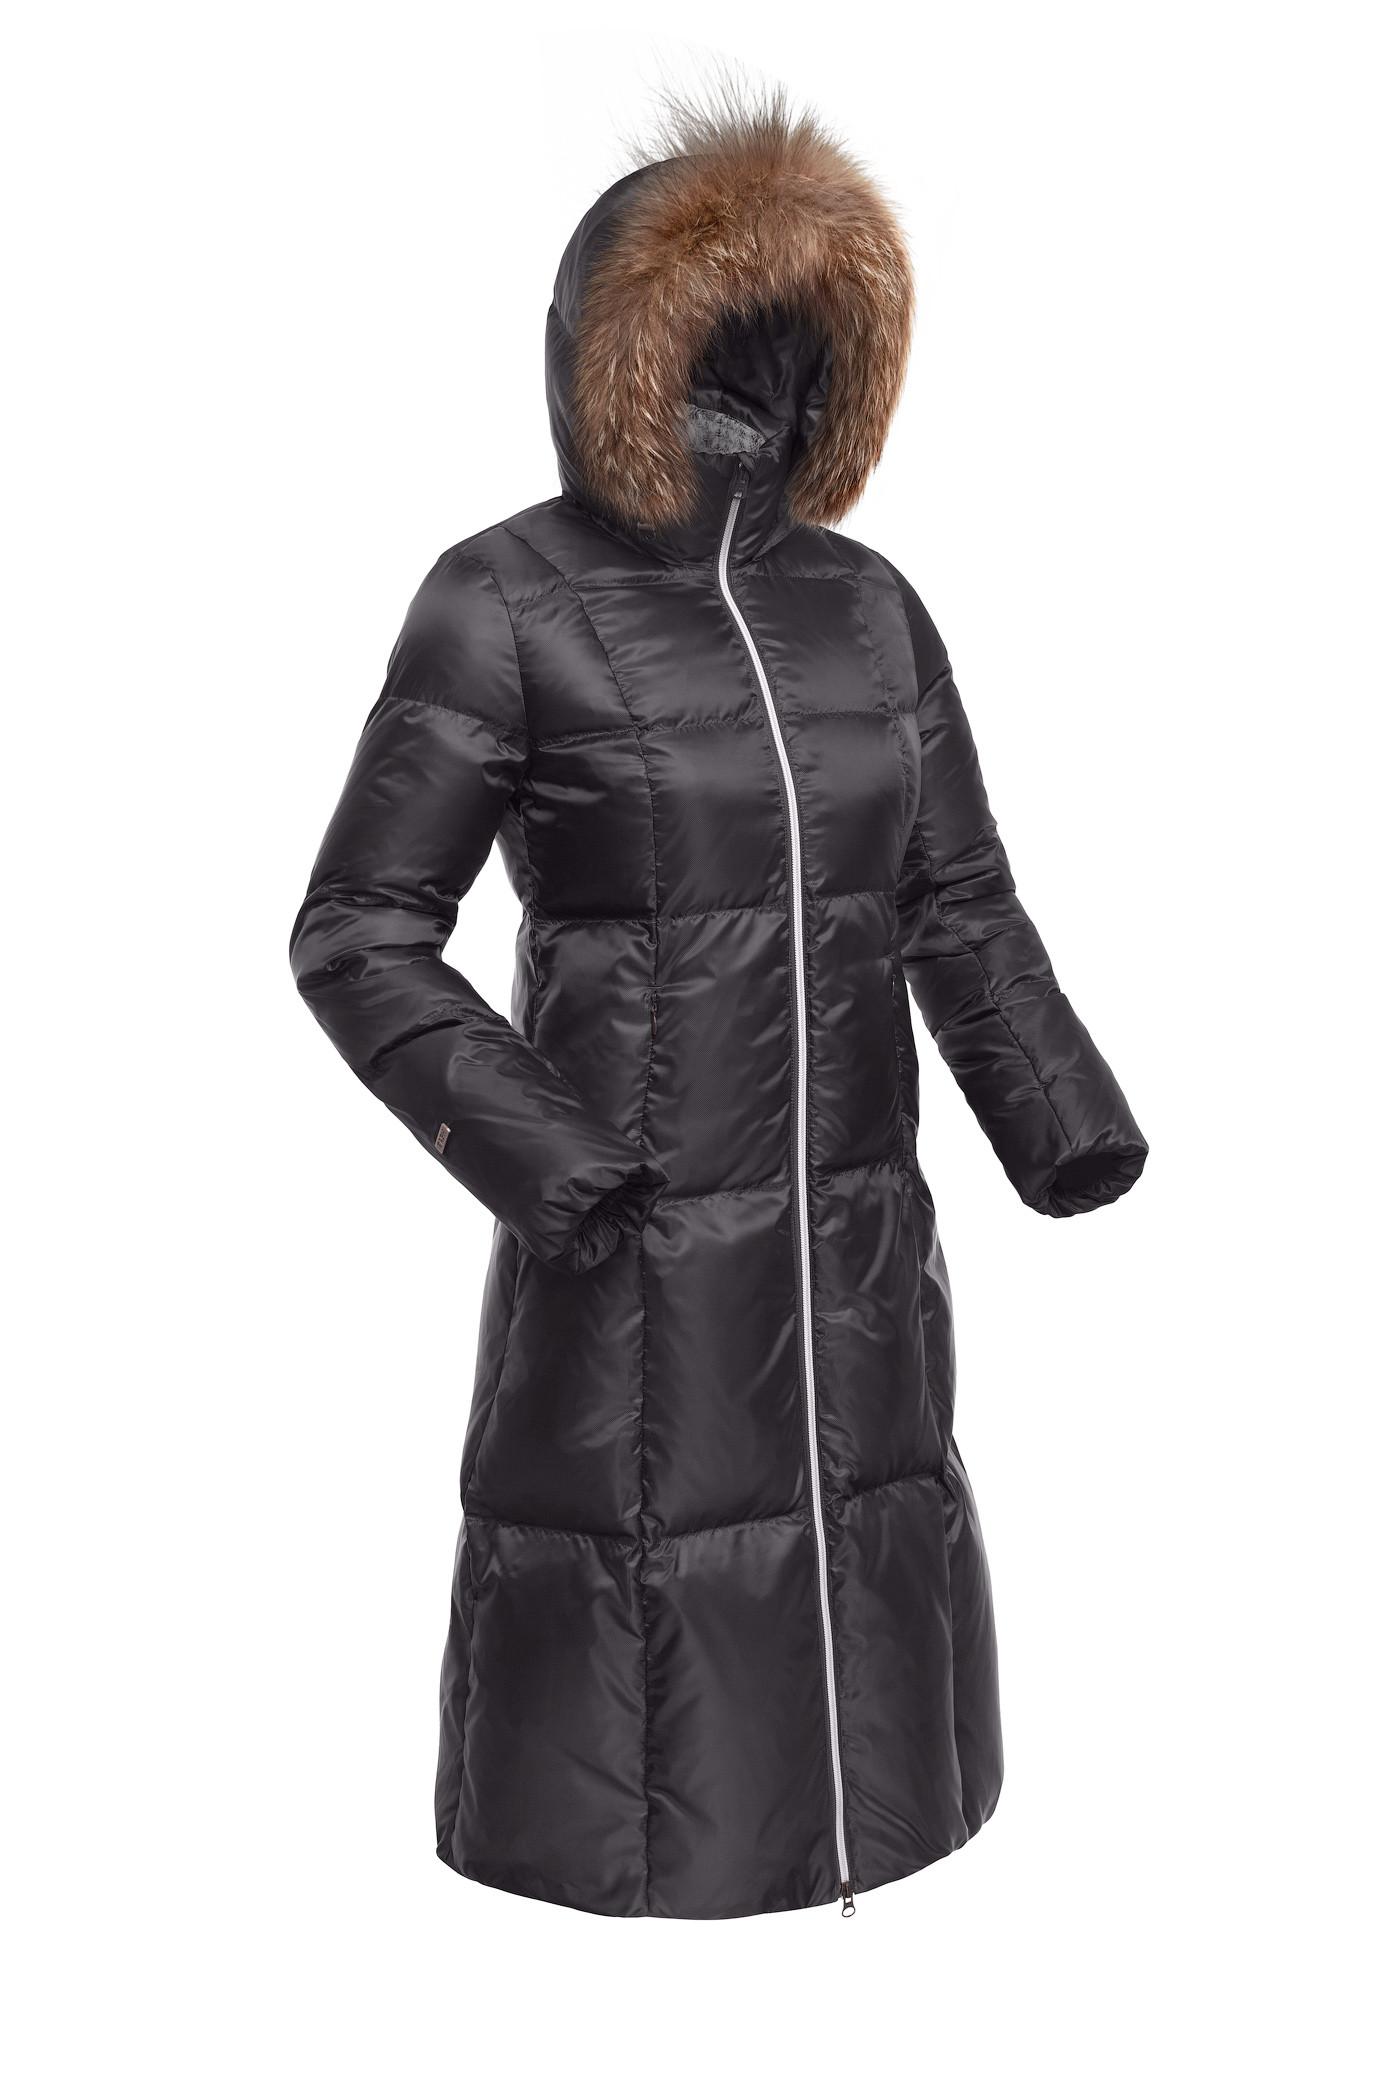 Пальто пуховое женское BASK DANA темно-серый, Пальто - арт. 995980409